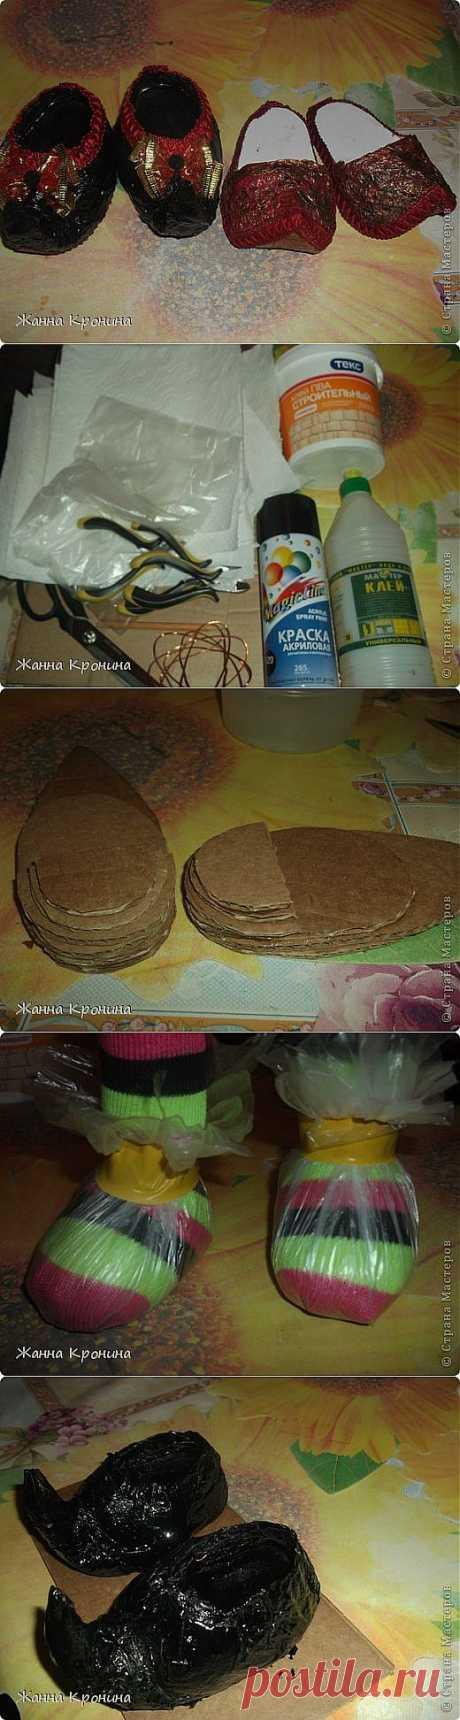 МК по созданию башмачков для кукол. | Страна Мастеров